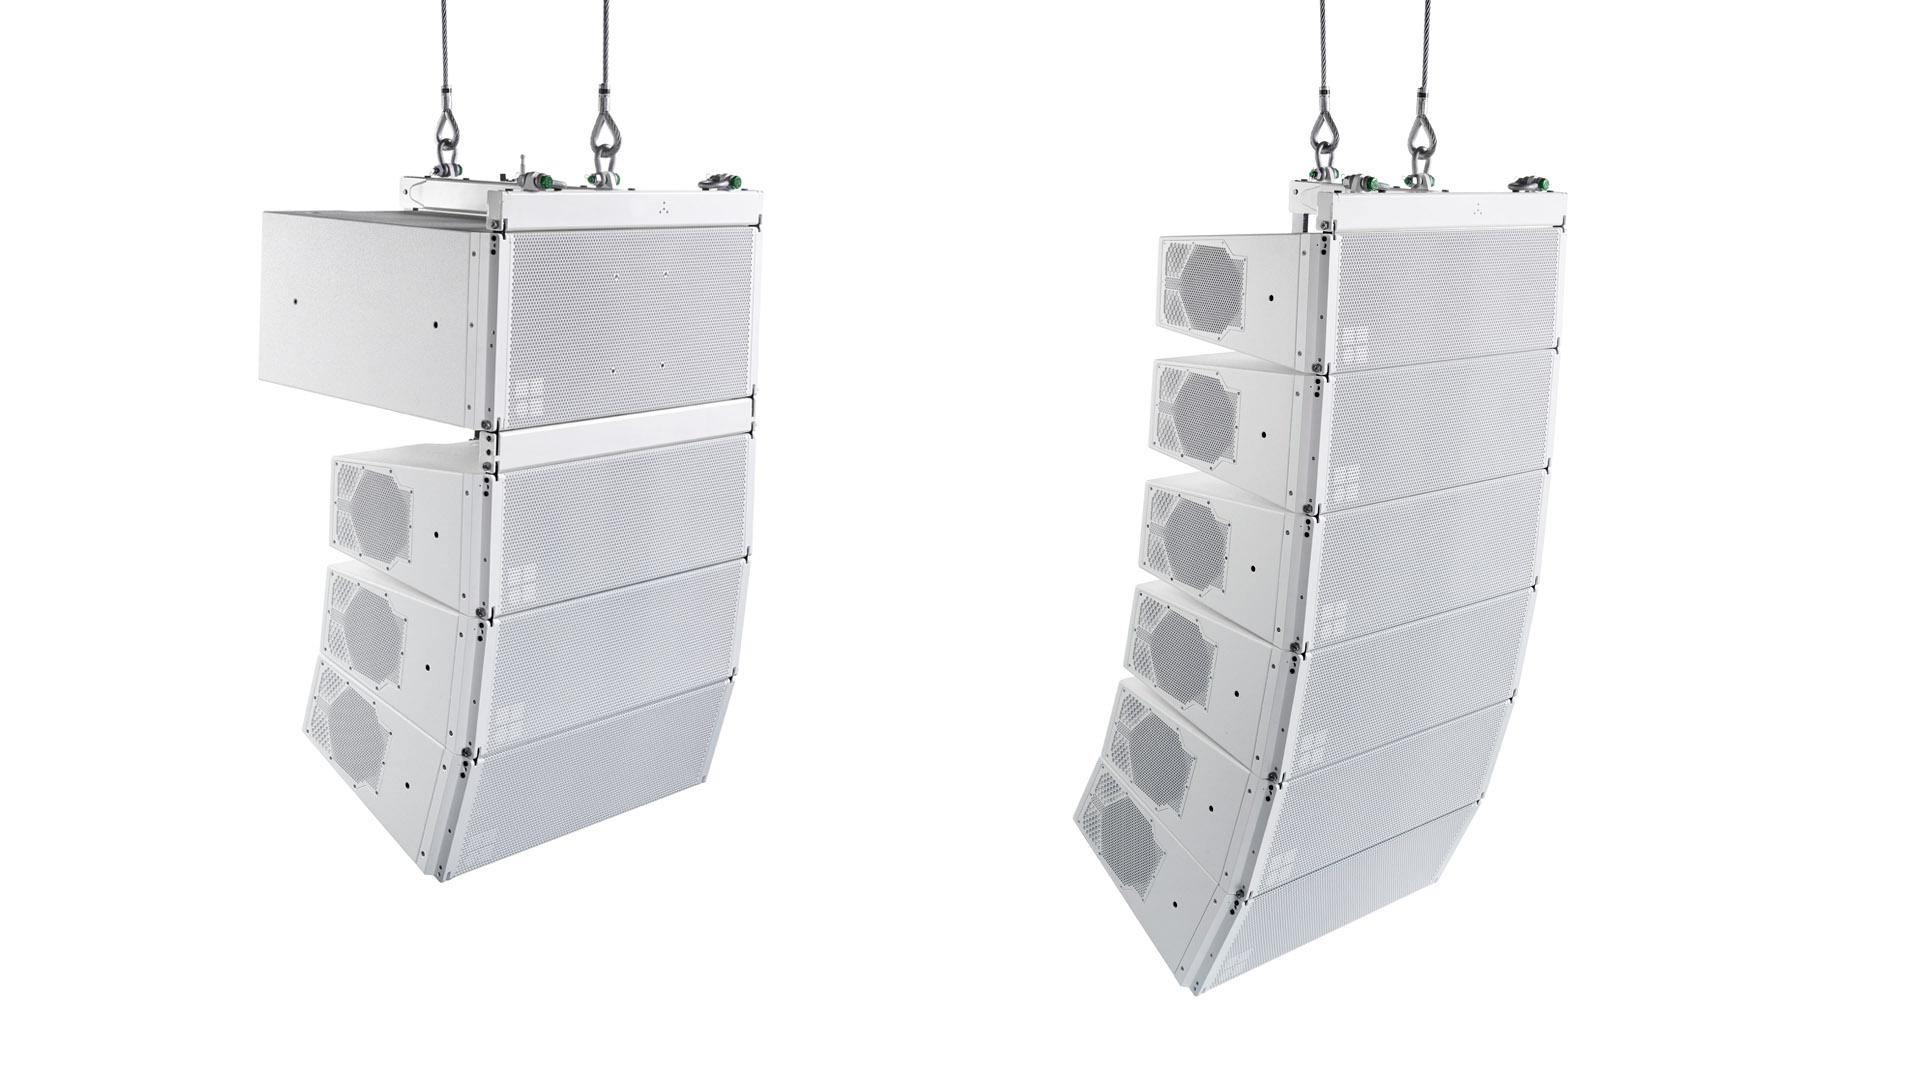 d&b audiotechnik КSLi-series white